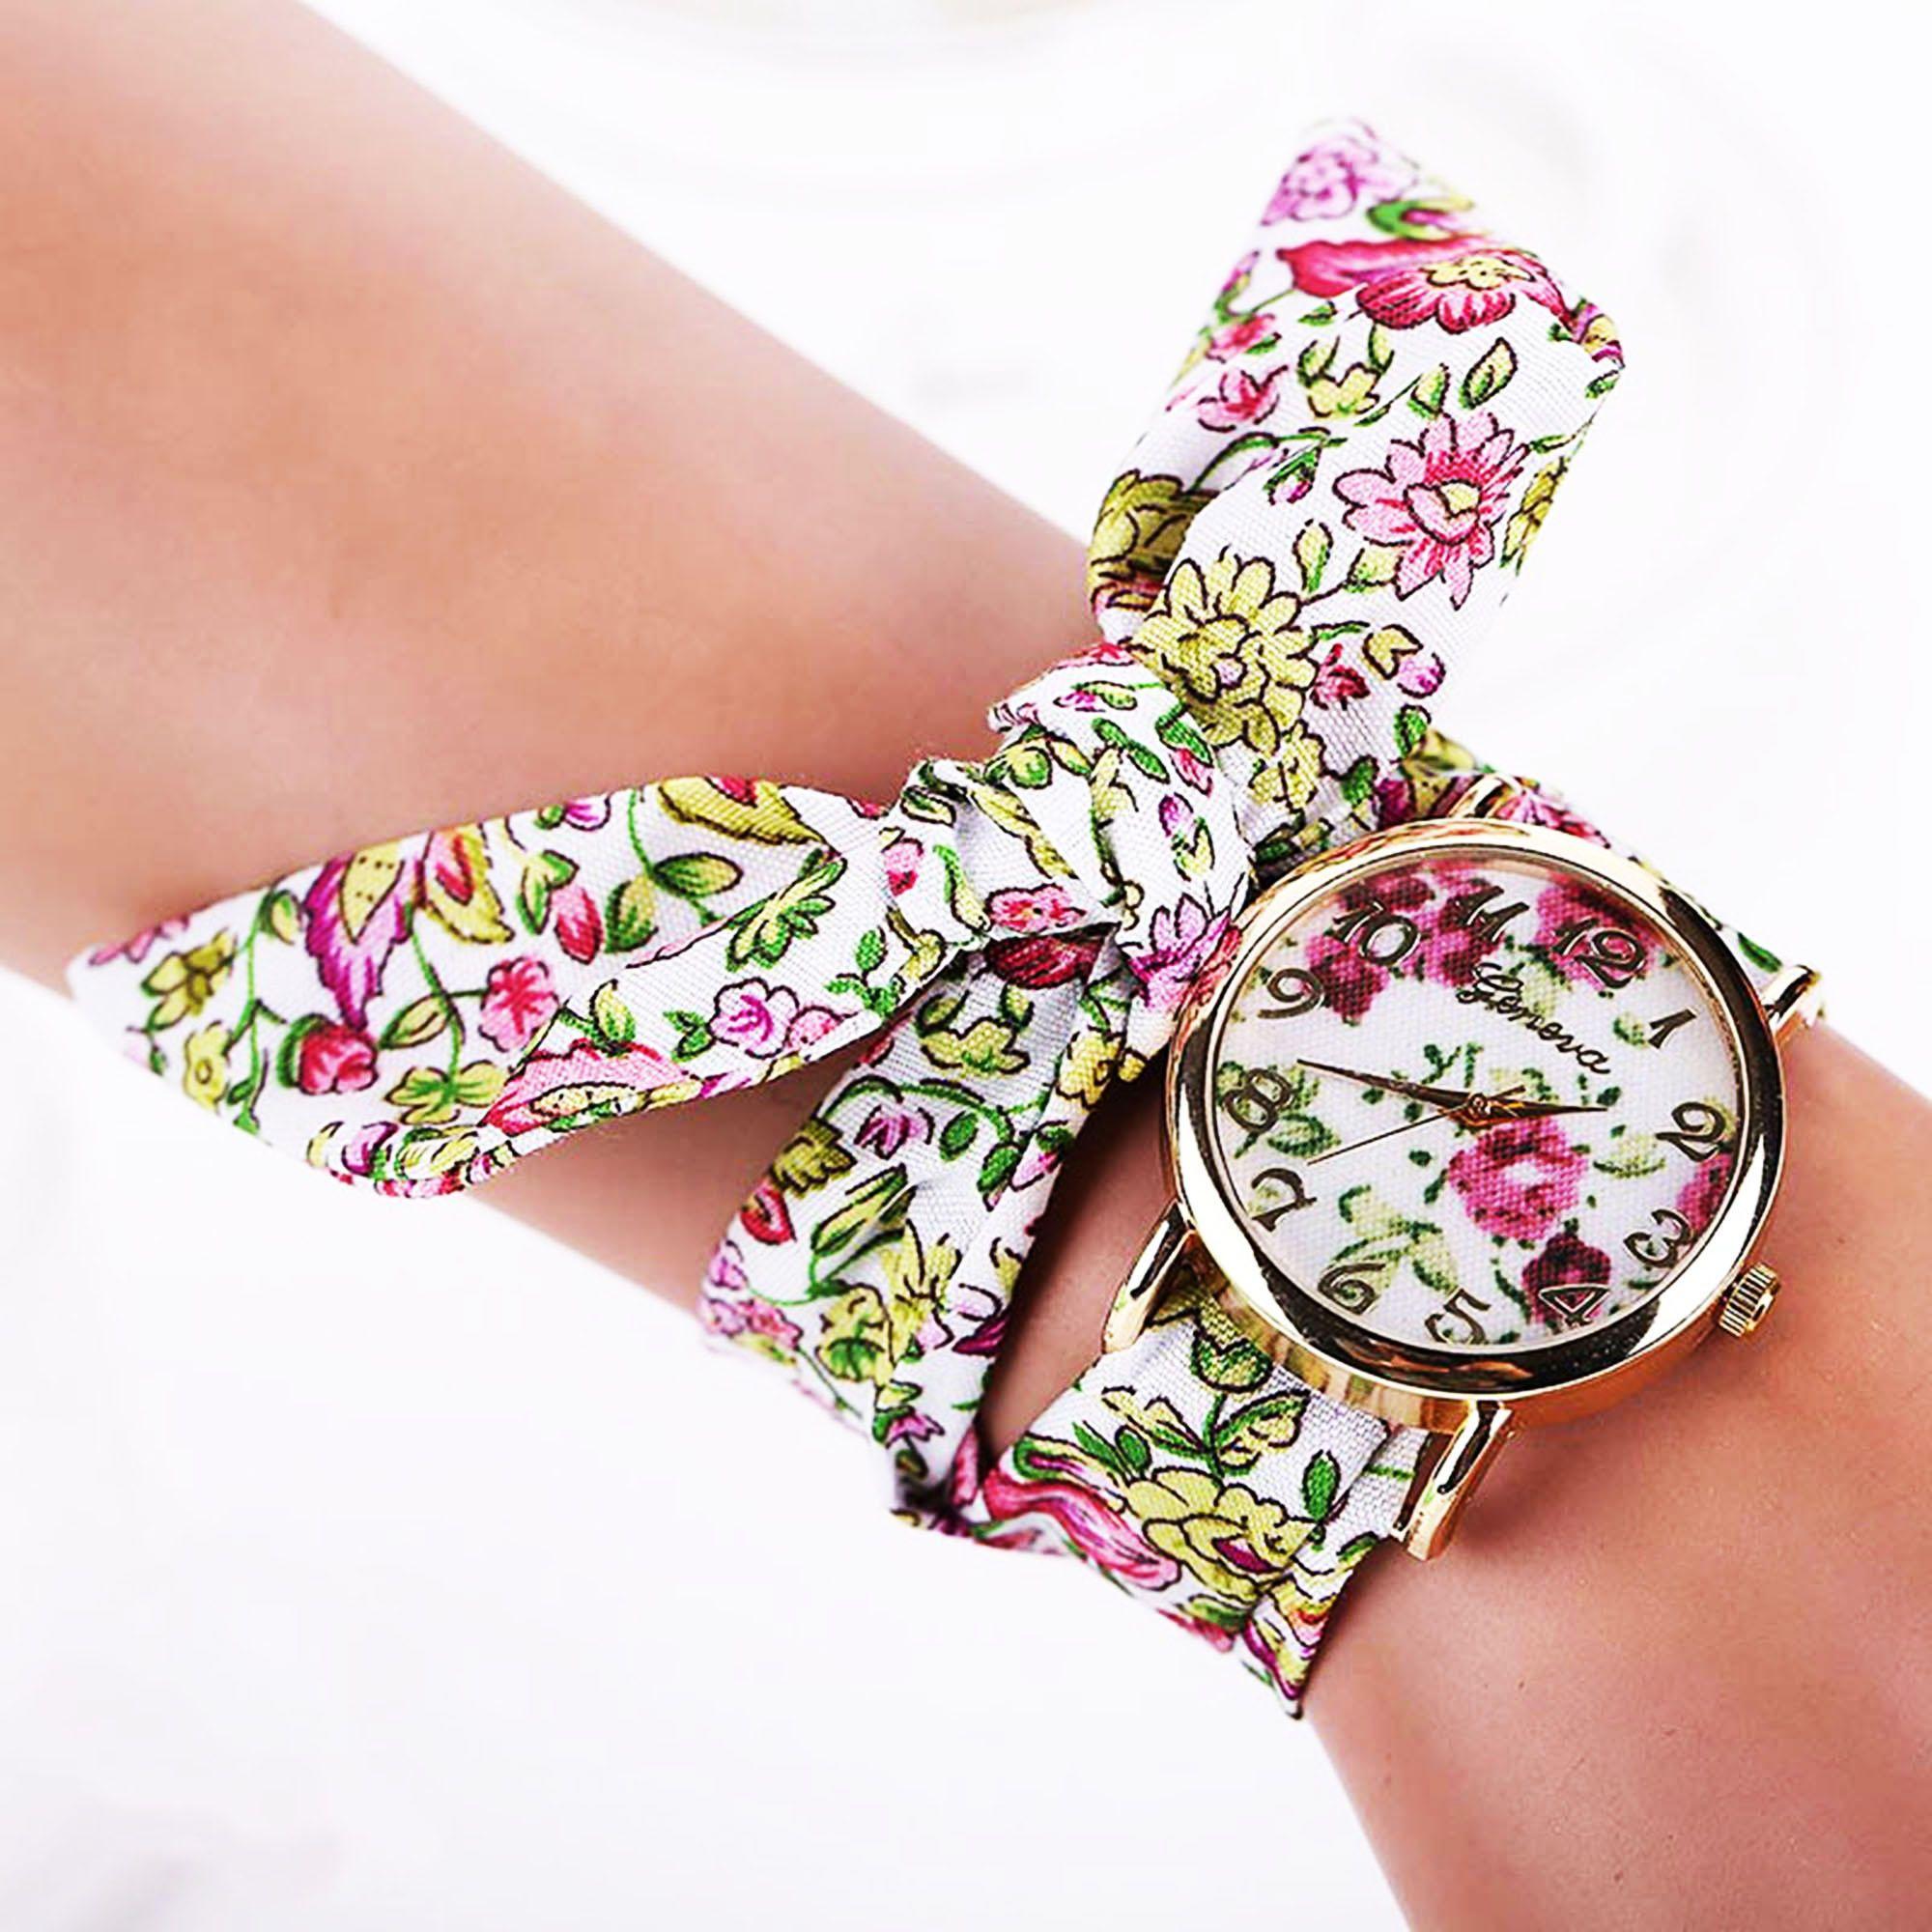 kimo watch montre avec bracelet en tissu floral multi couleurs acheter en ligne jumia maroc. Black Bedroom Furniture Sets. Home Design Ideas